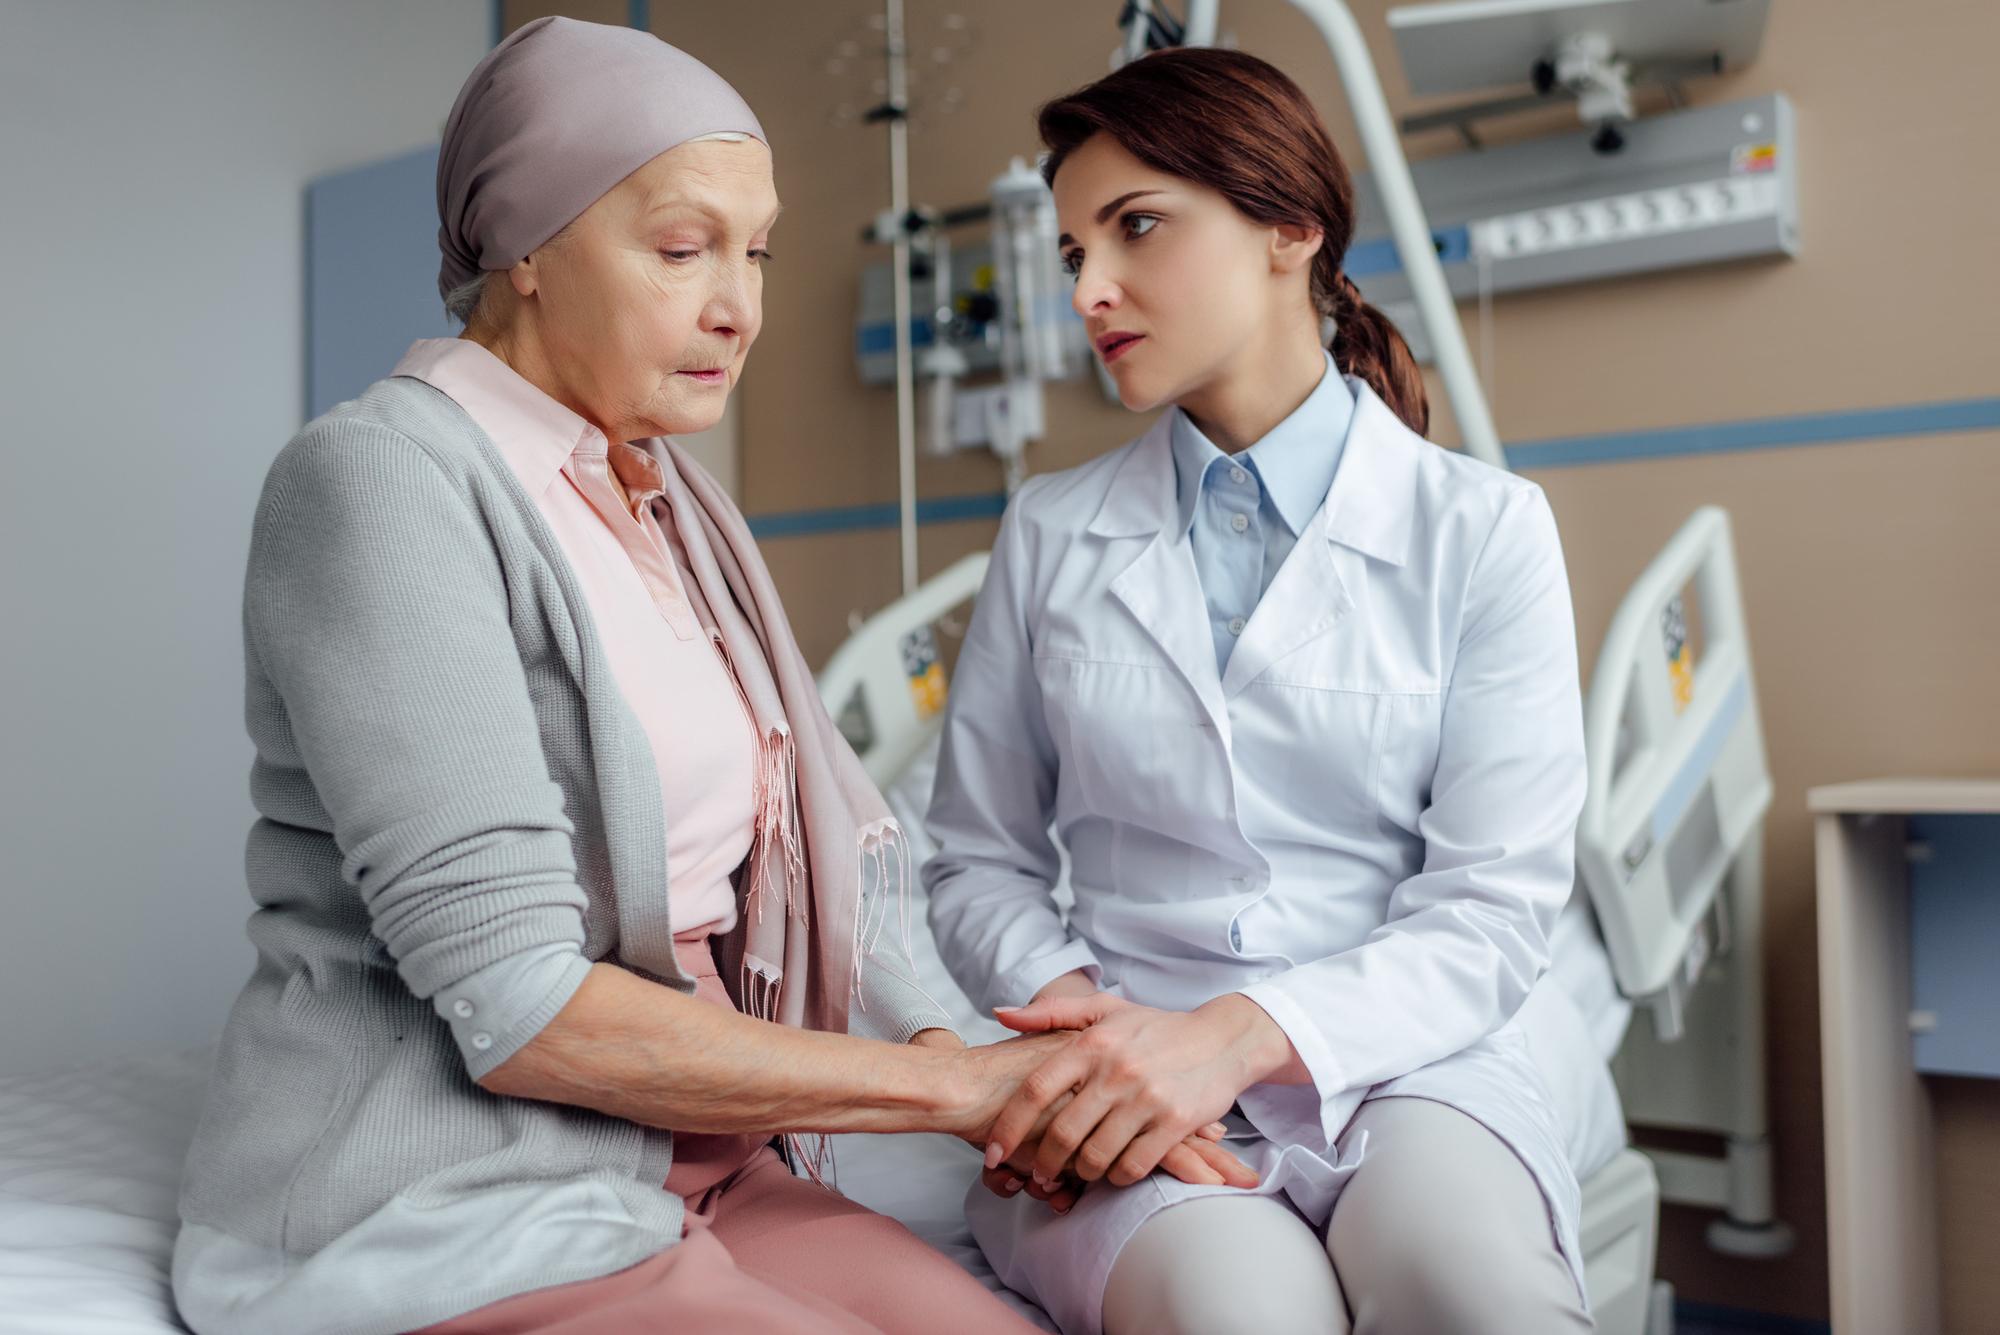 Симптомы рака, которые многие игнорируют